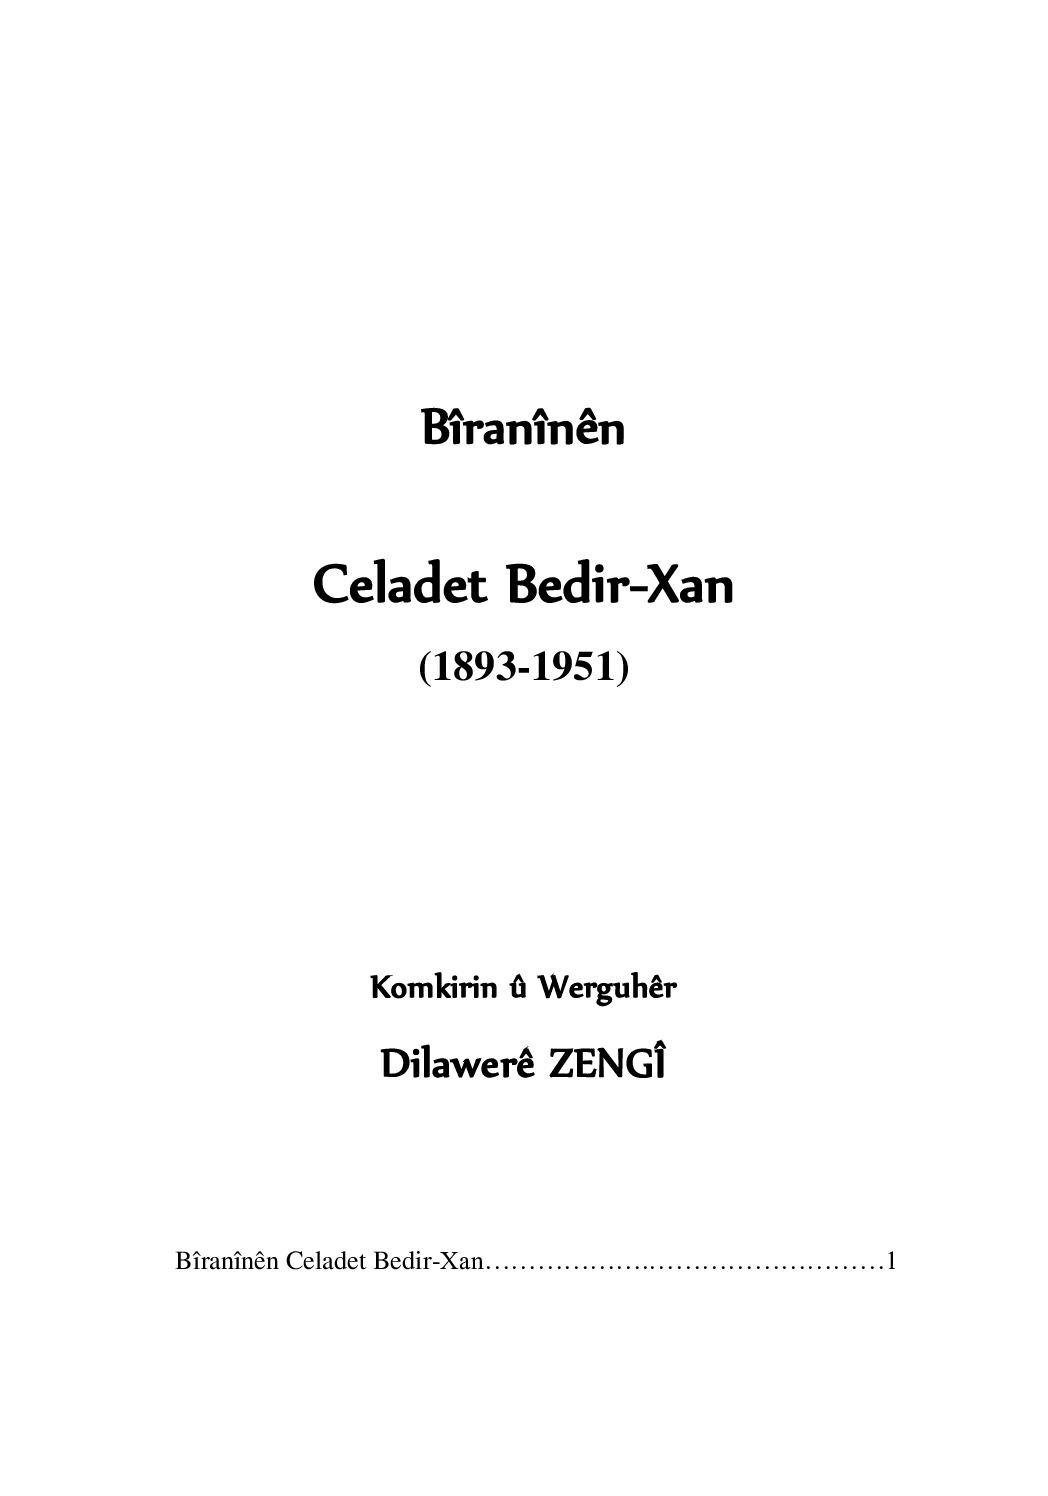 Bîranînên Celadet Bedirxan (1893 1951).